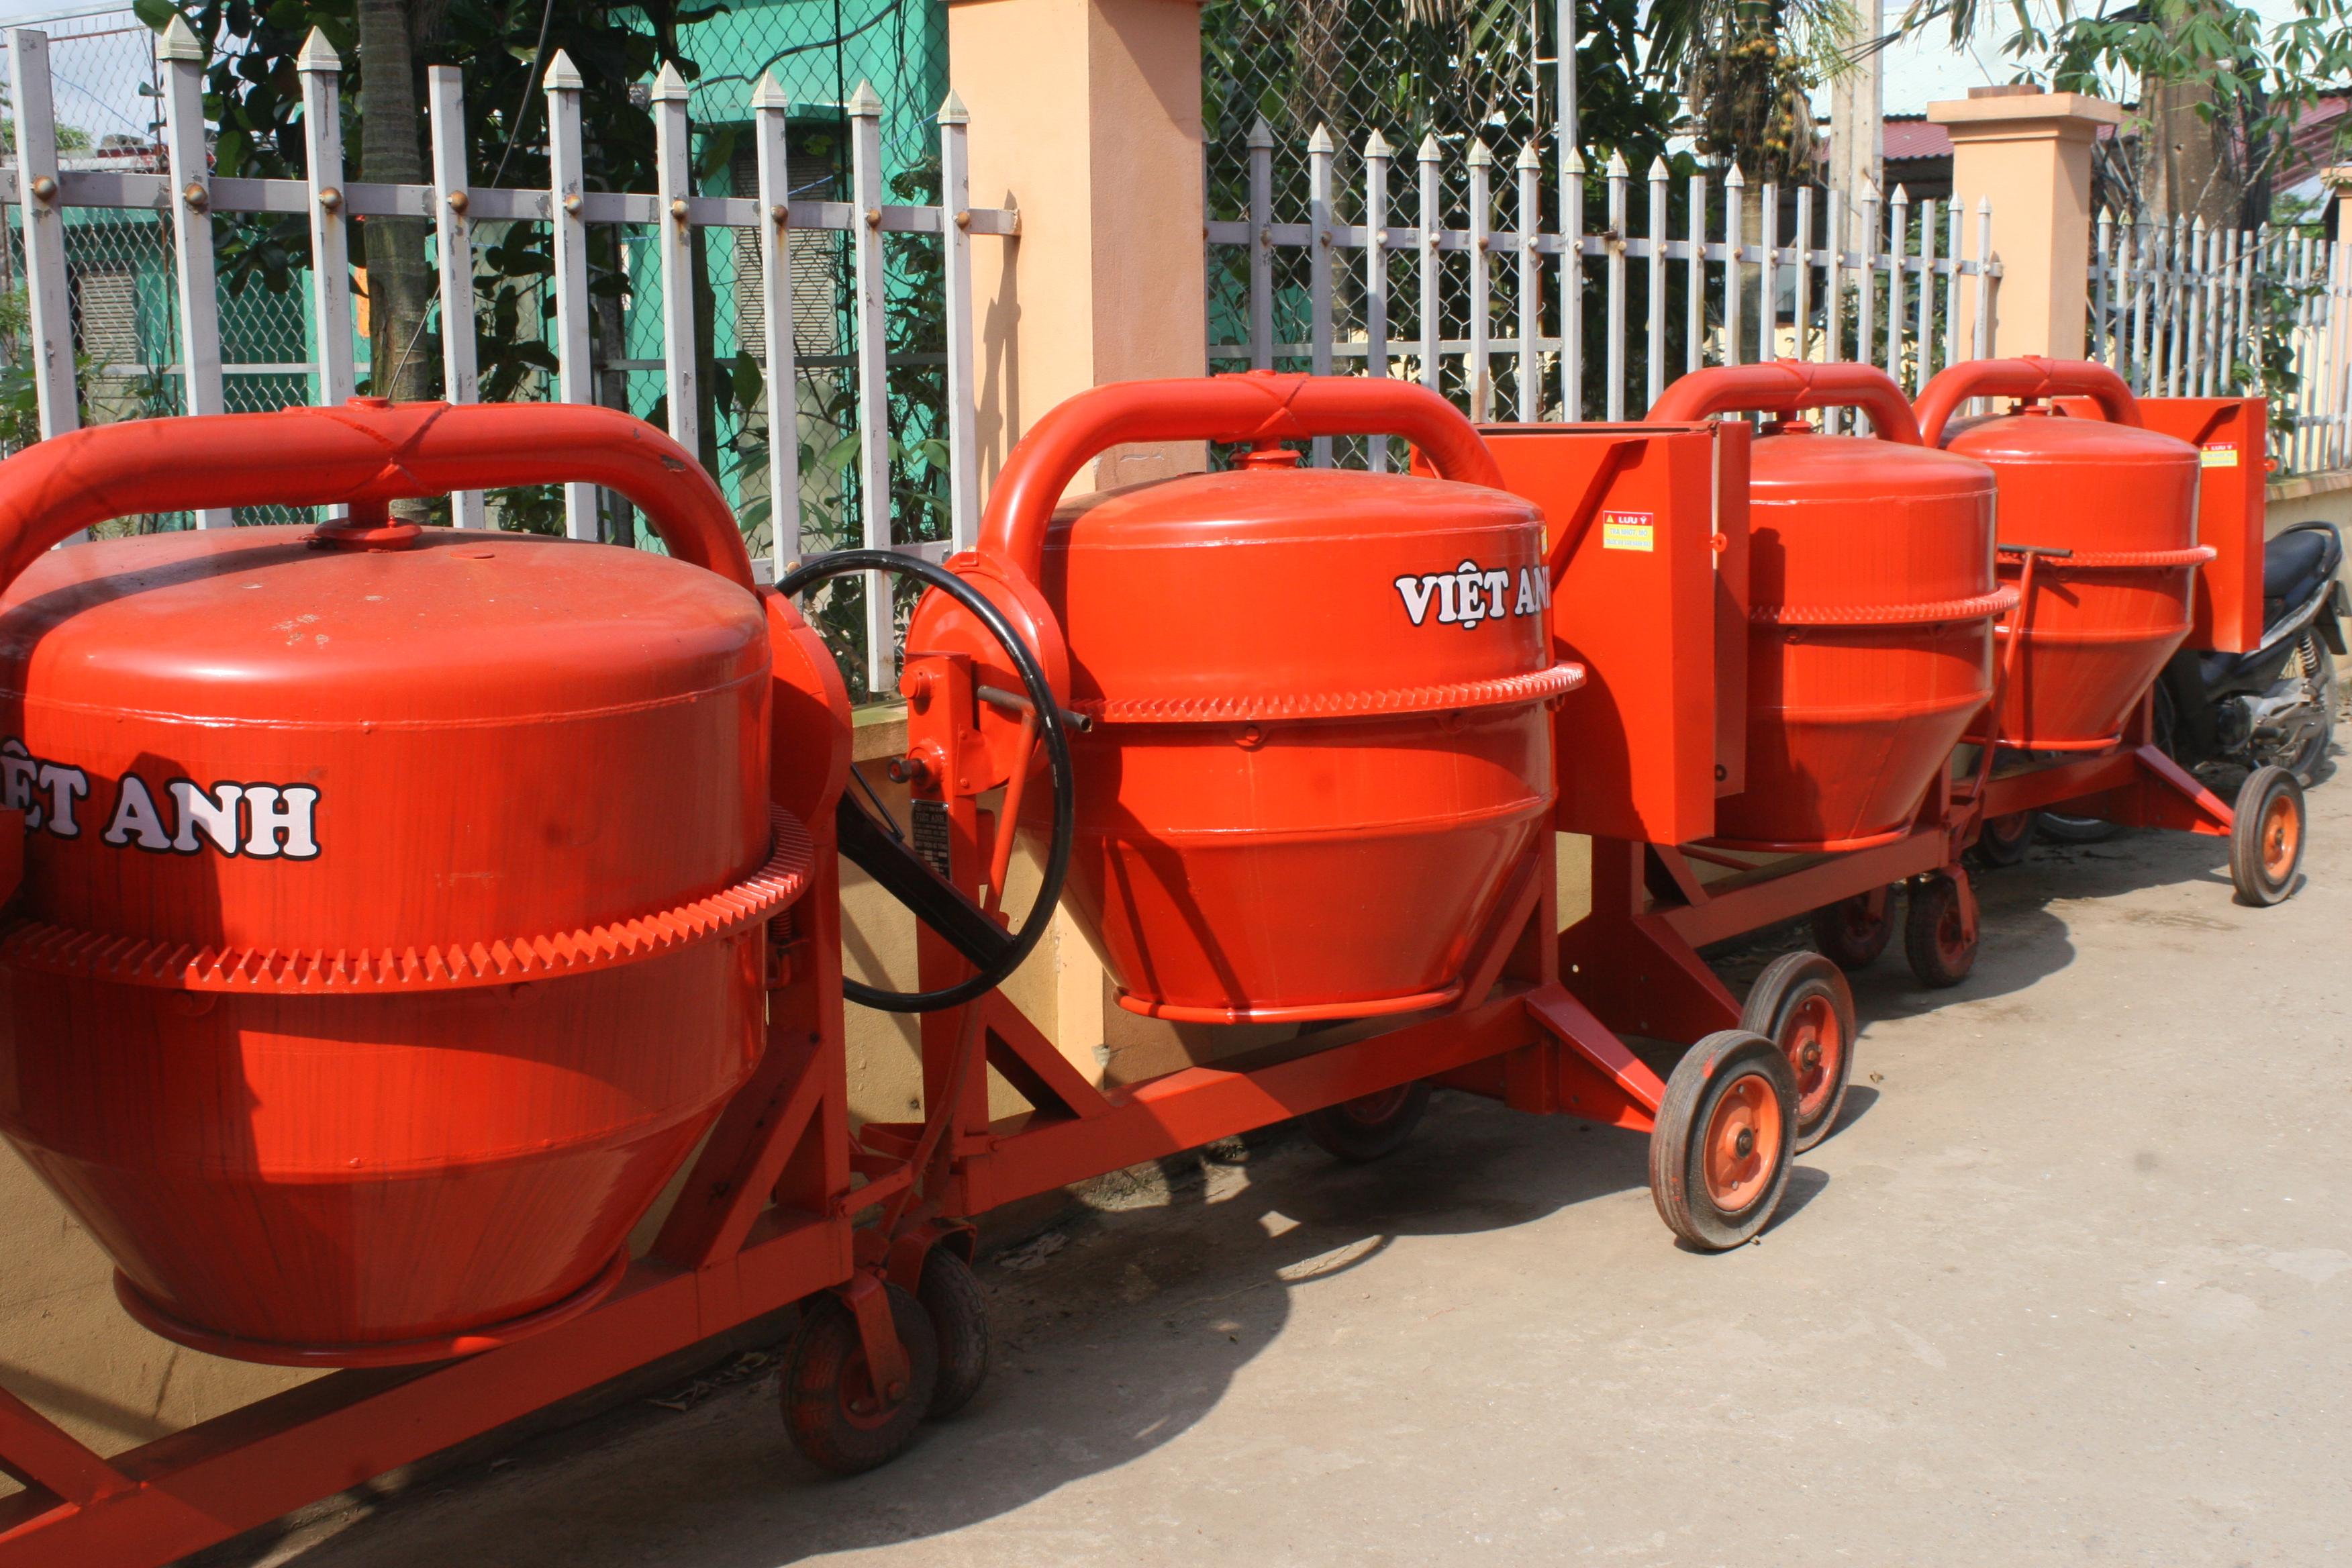 Giới thiệu sản phẩm máy trộn bê tông